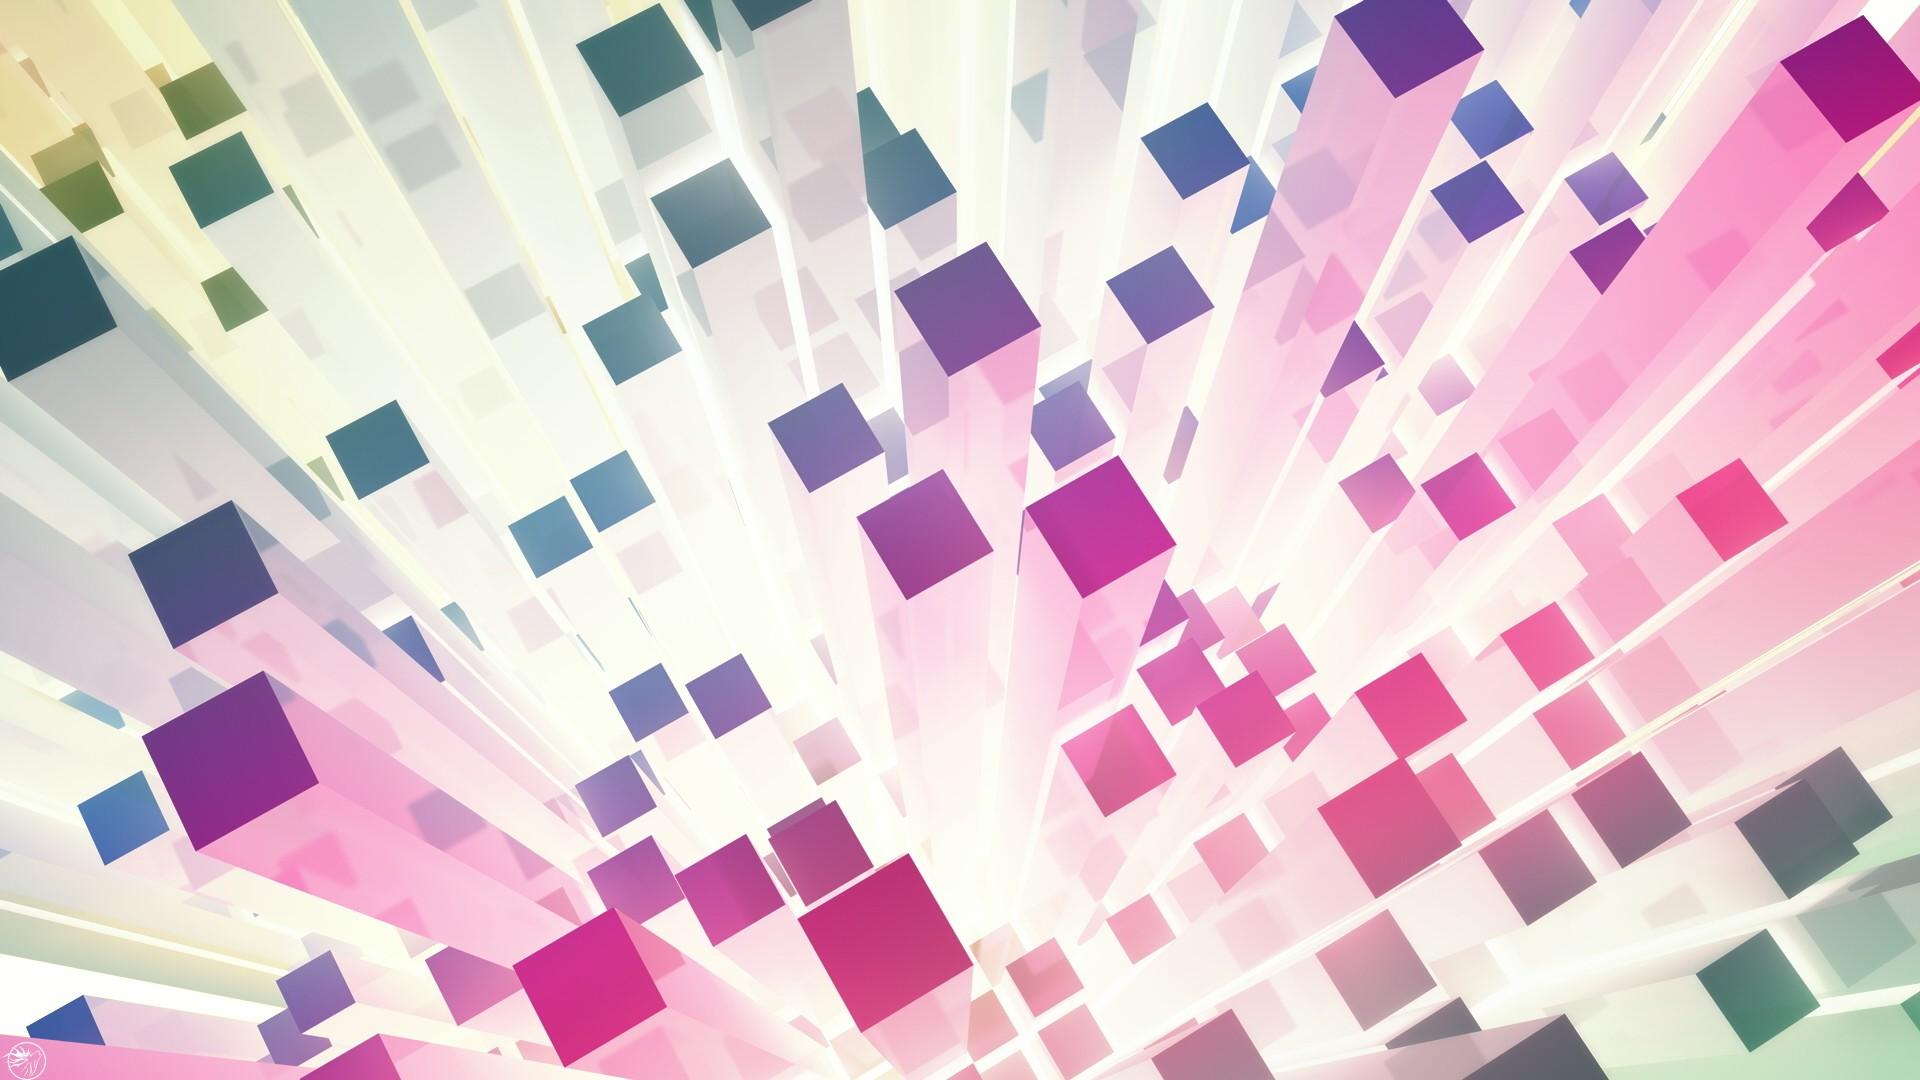 красивые картинки в формате квадрата типы виски солодовый